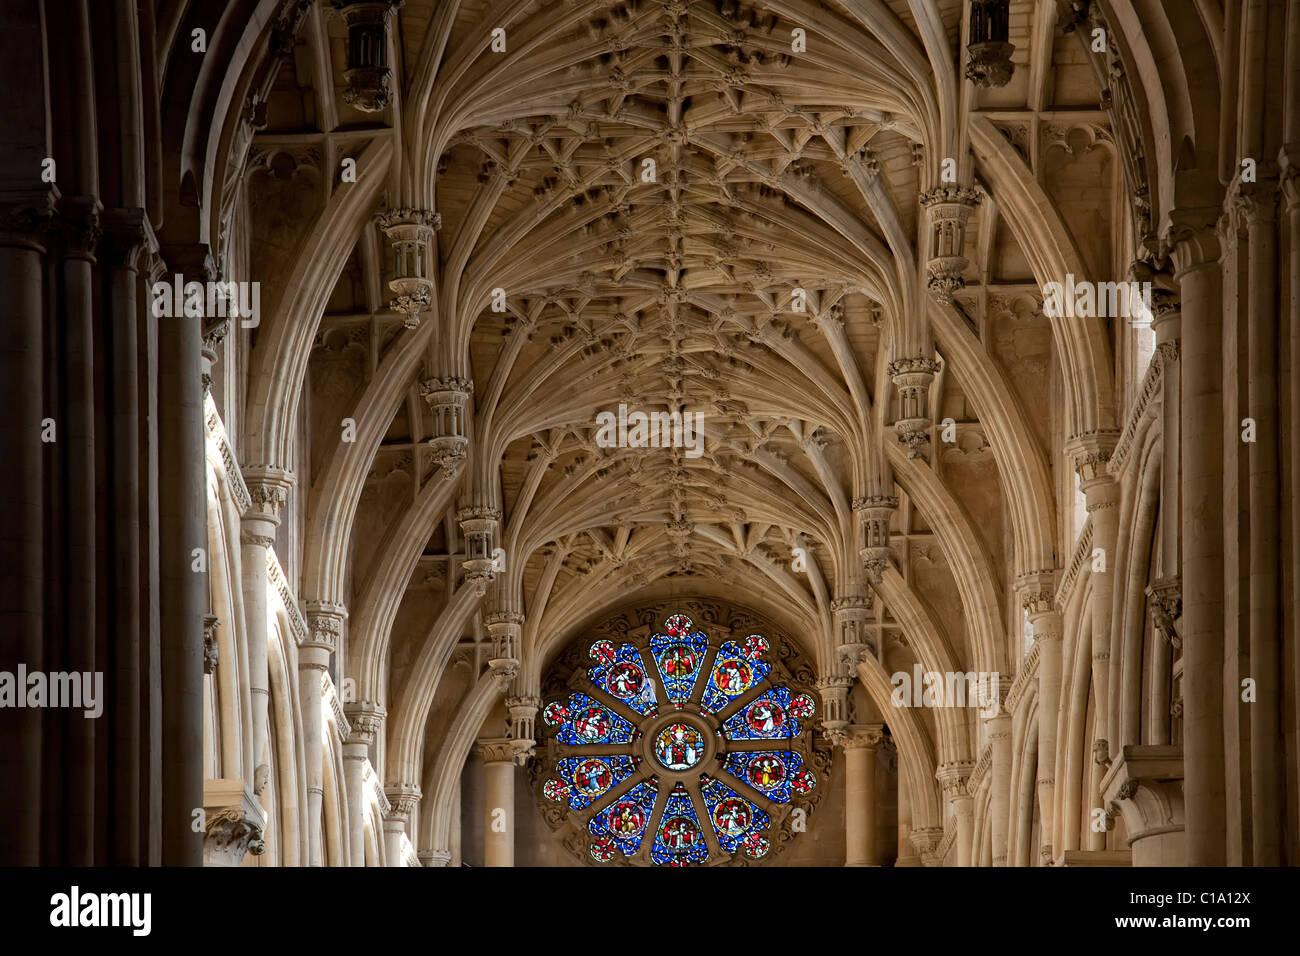 In vetro colorato e la nervatura-soffitto della cattedrale di Christ Church di Oxford University, Oxfordshire, England, Immagini Stock